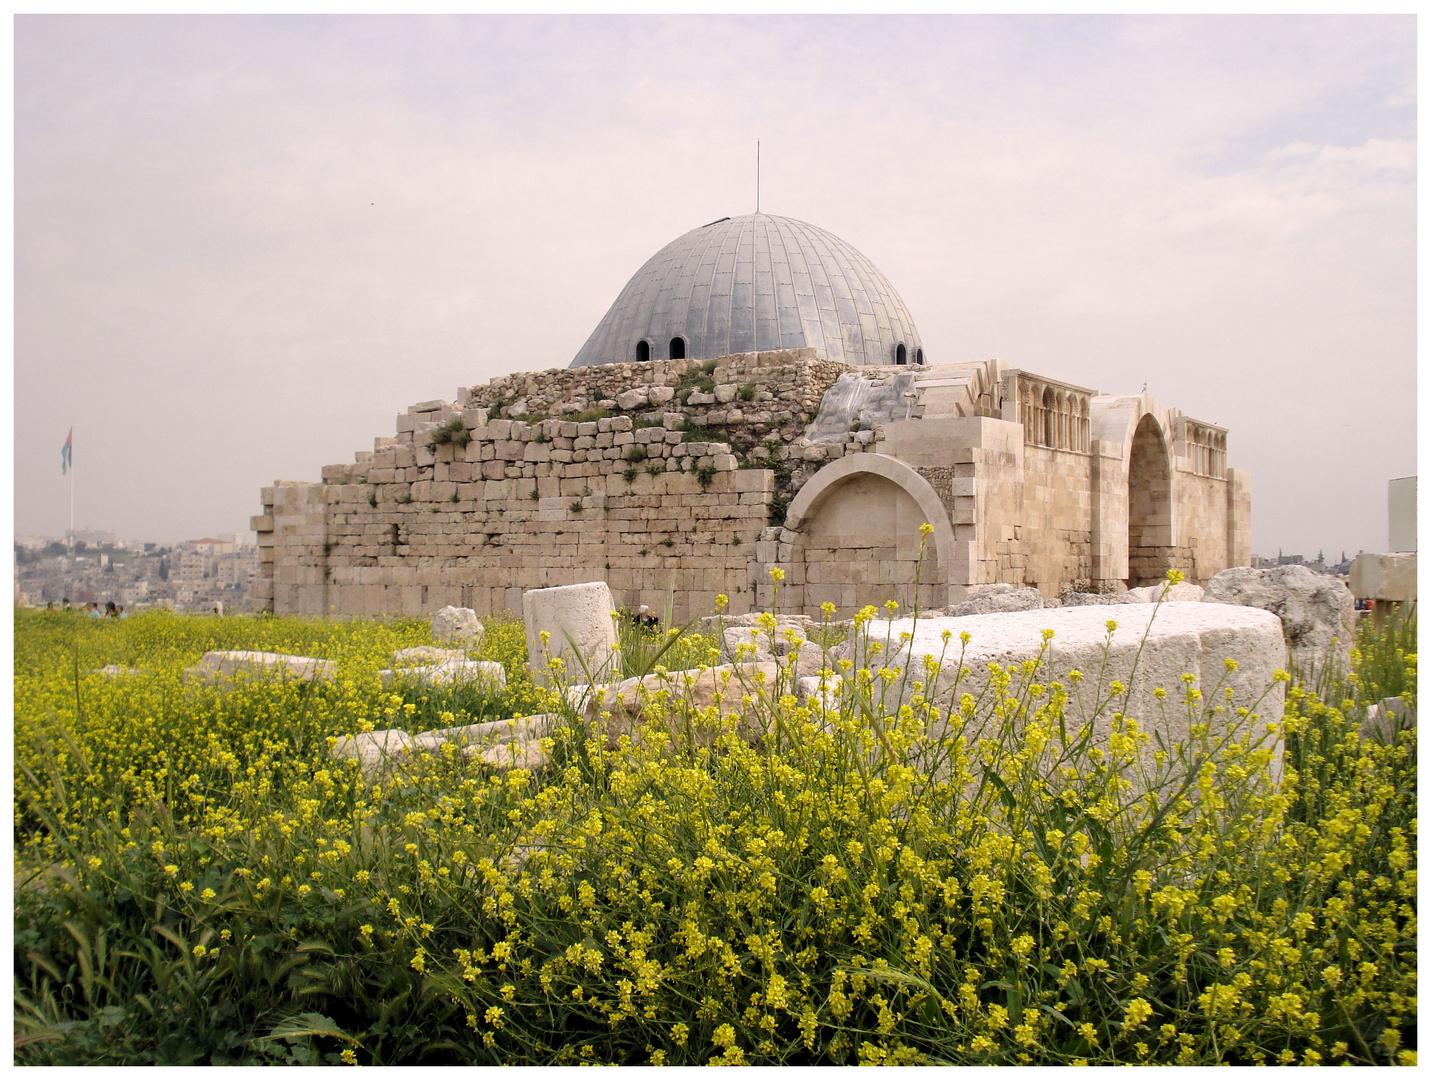 Der Zitadellenhügel in Amman